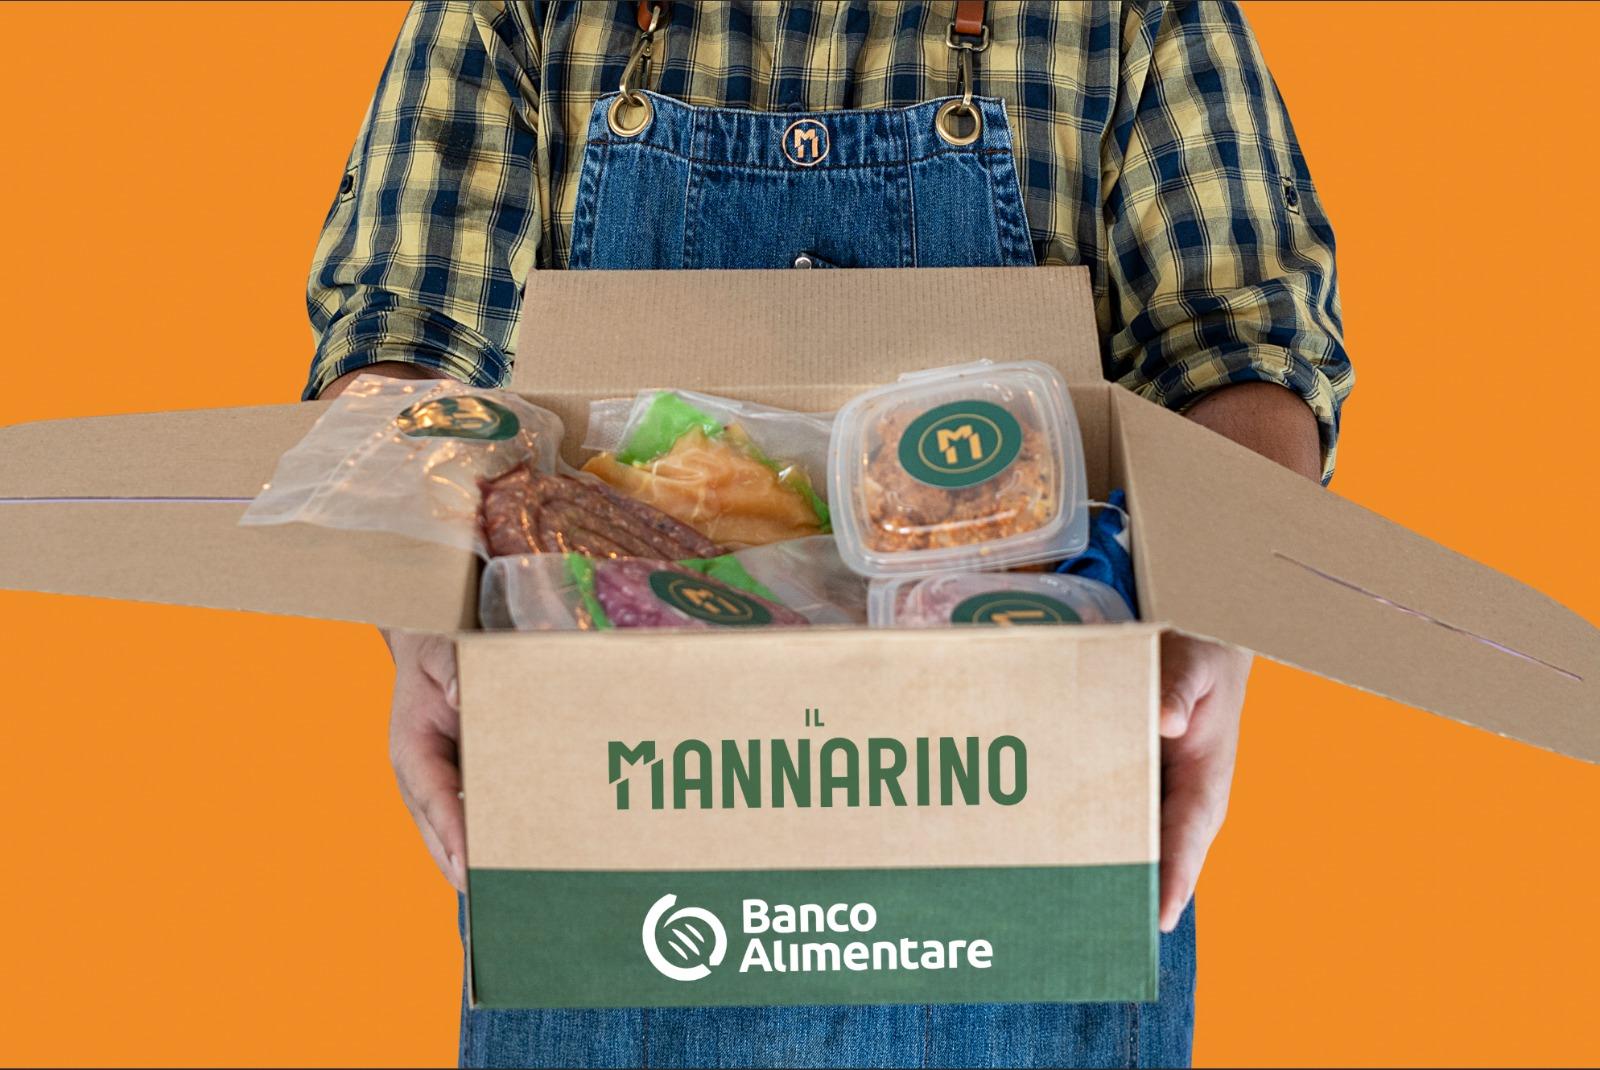 mannarino banco alimentare